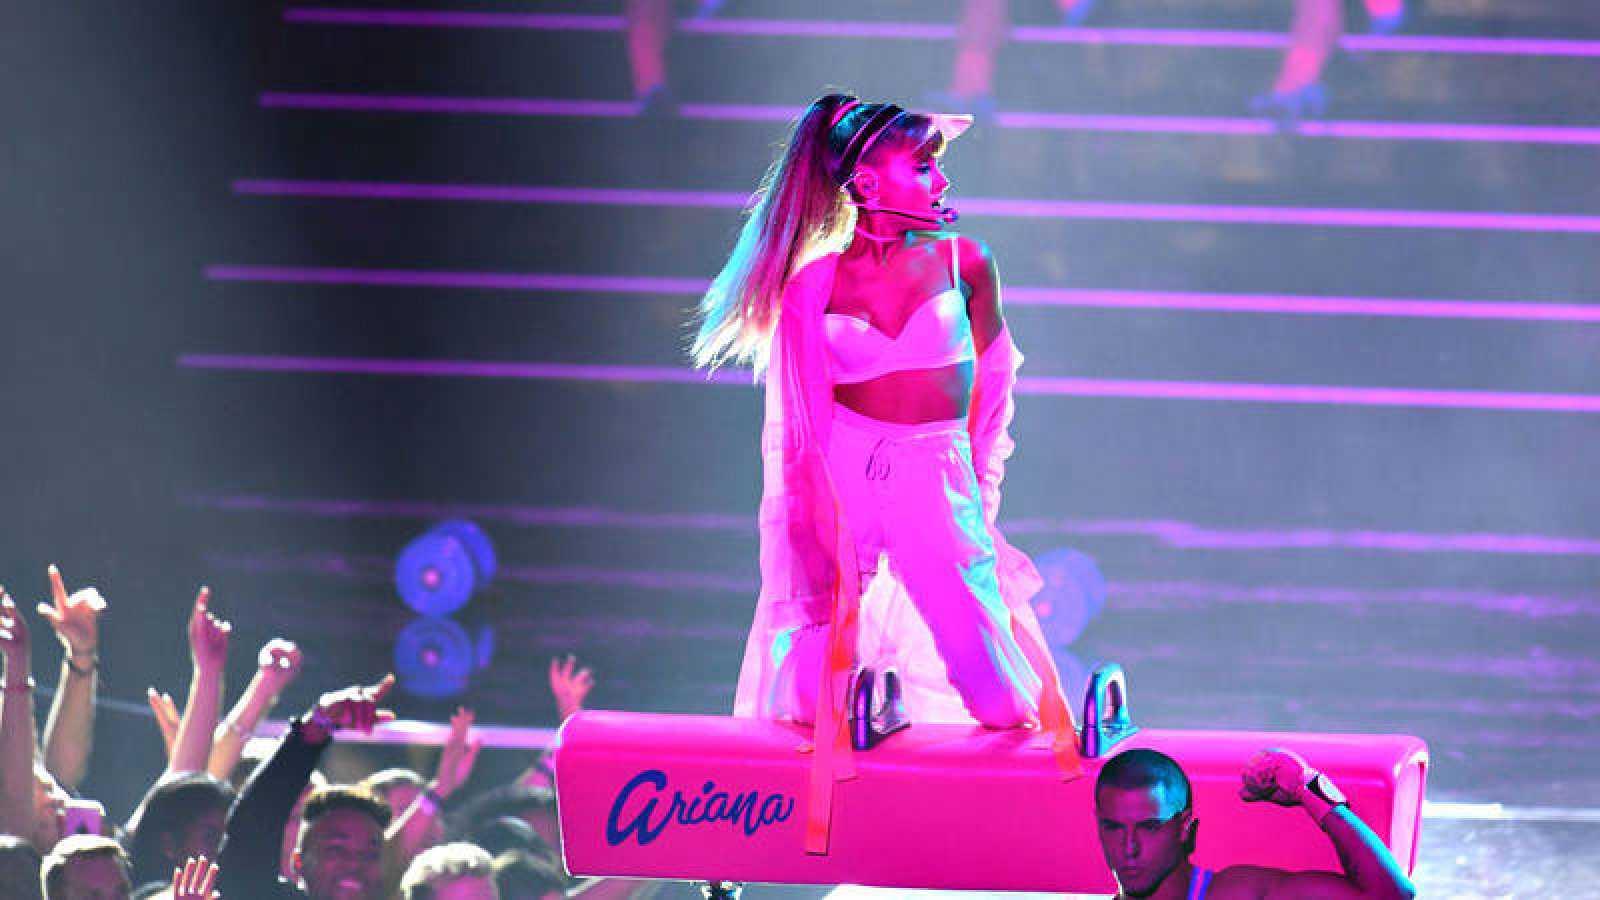 La cantante estadounidense Ariana Grande, en una imagen de archivo